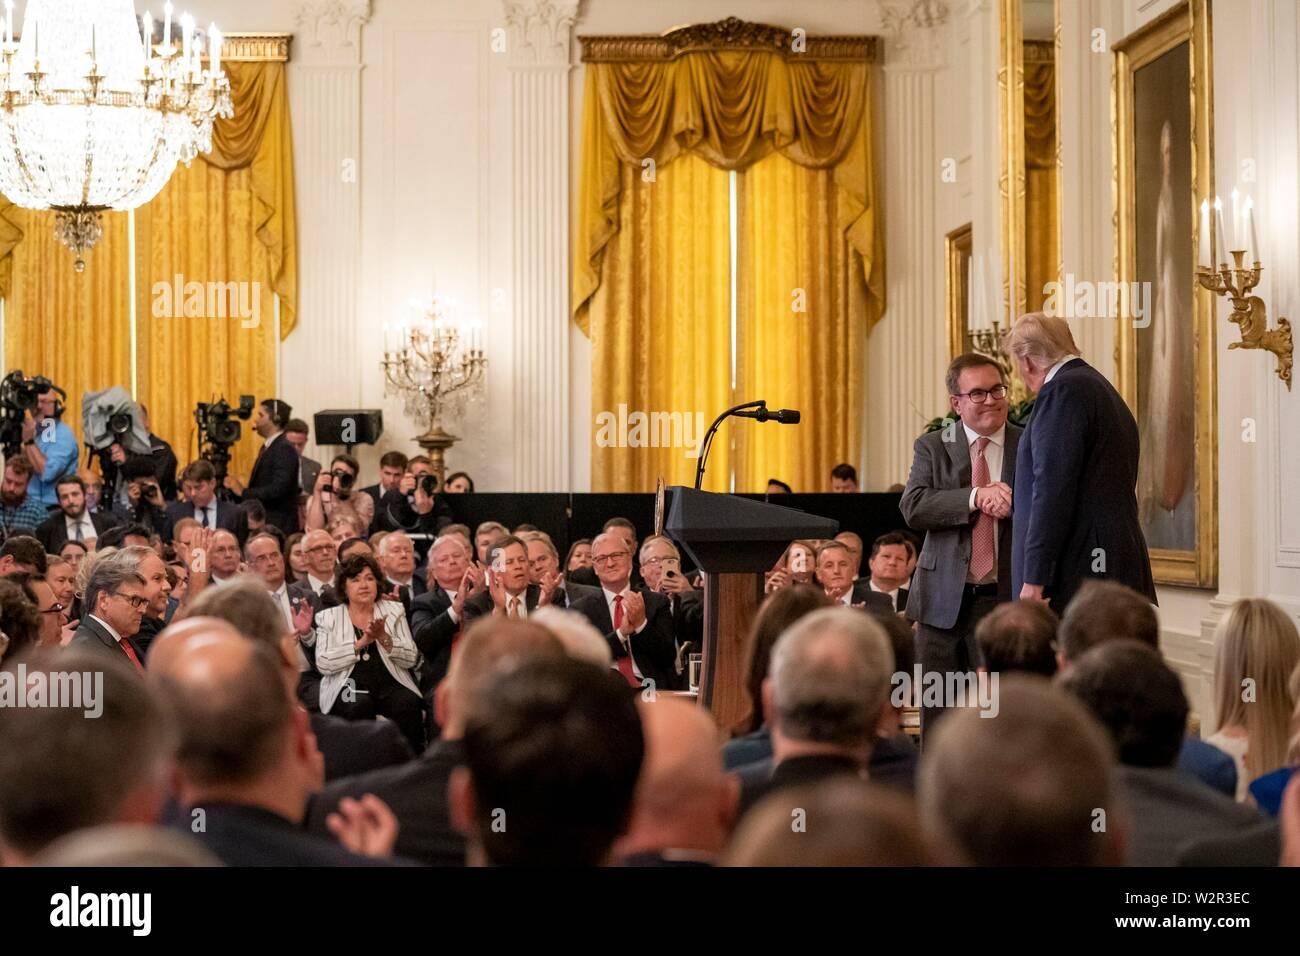 Us-Präsident Donald Trump dank Environmental Protection Agency, Administrator Andrew Wheeler nach seinen Ausführungen im East Room des Weißen Hauses Juli 8, 2019 in Washington, DC. Der Präsident eine Ansprache über die Führung. Stockfoto